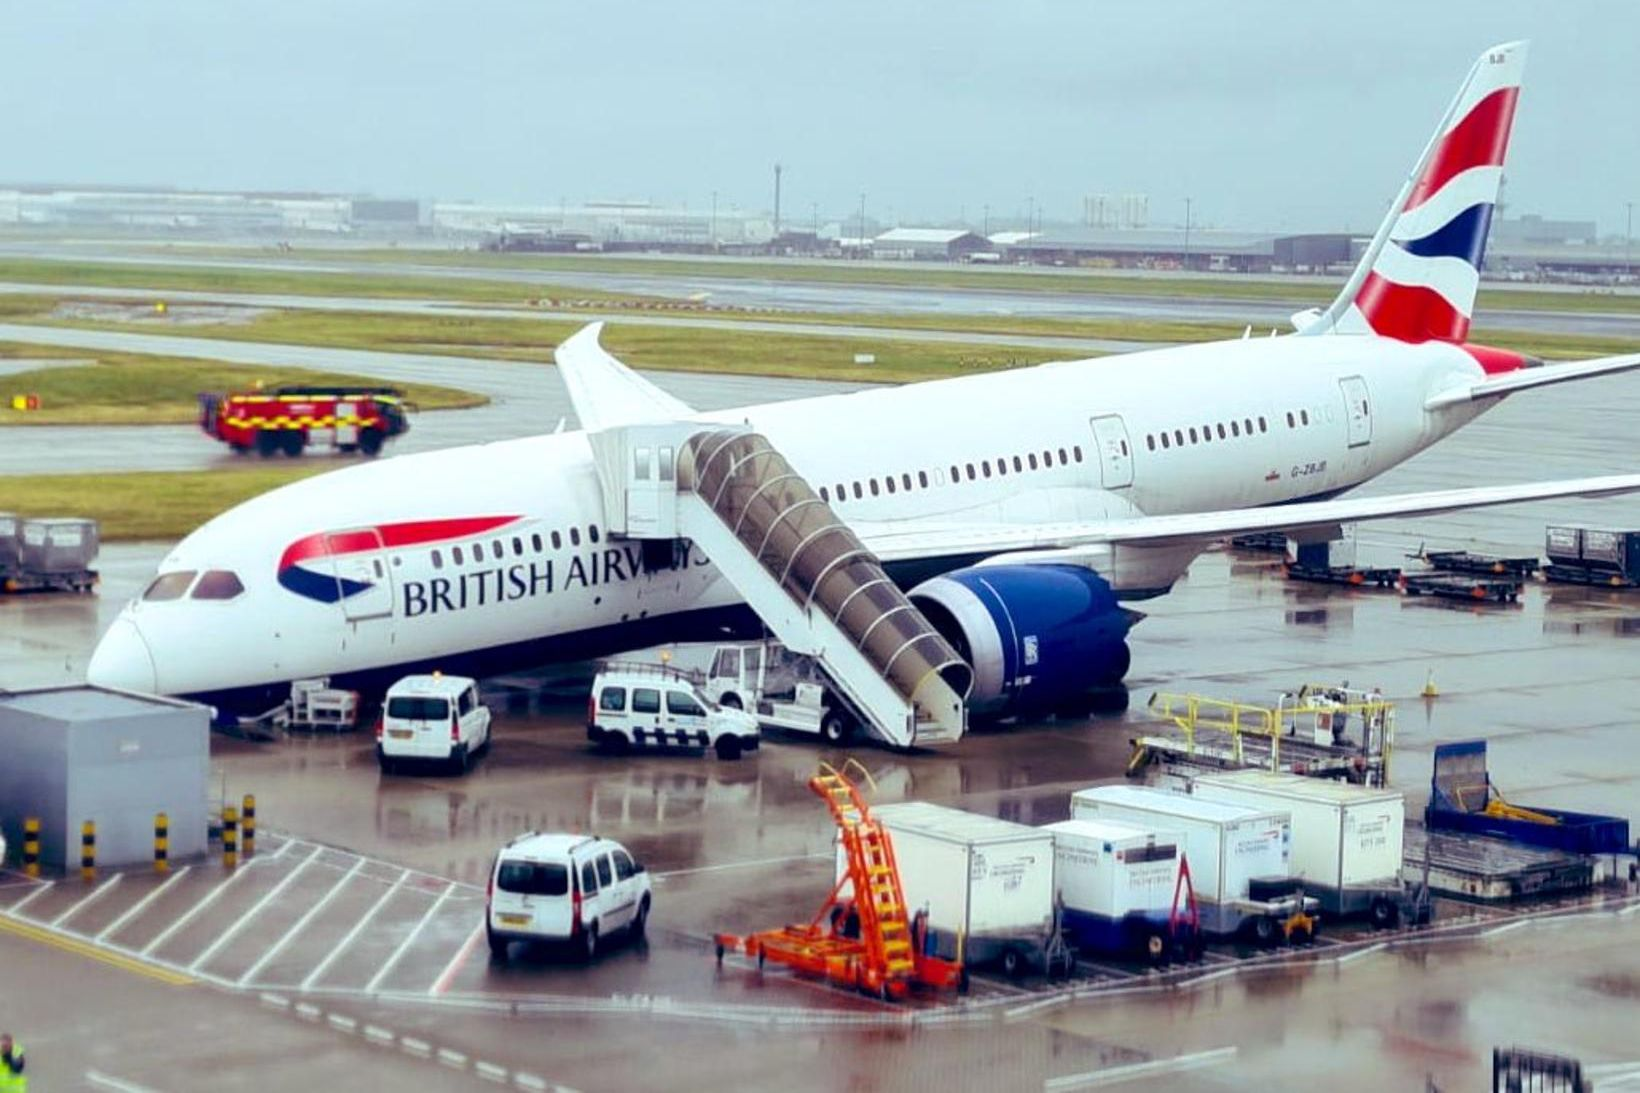 Fragtvél Brtish Airways af gerðinni Boeing 767 Dreamliner hafnaði á …